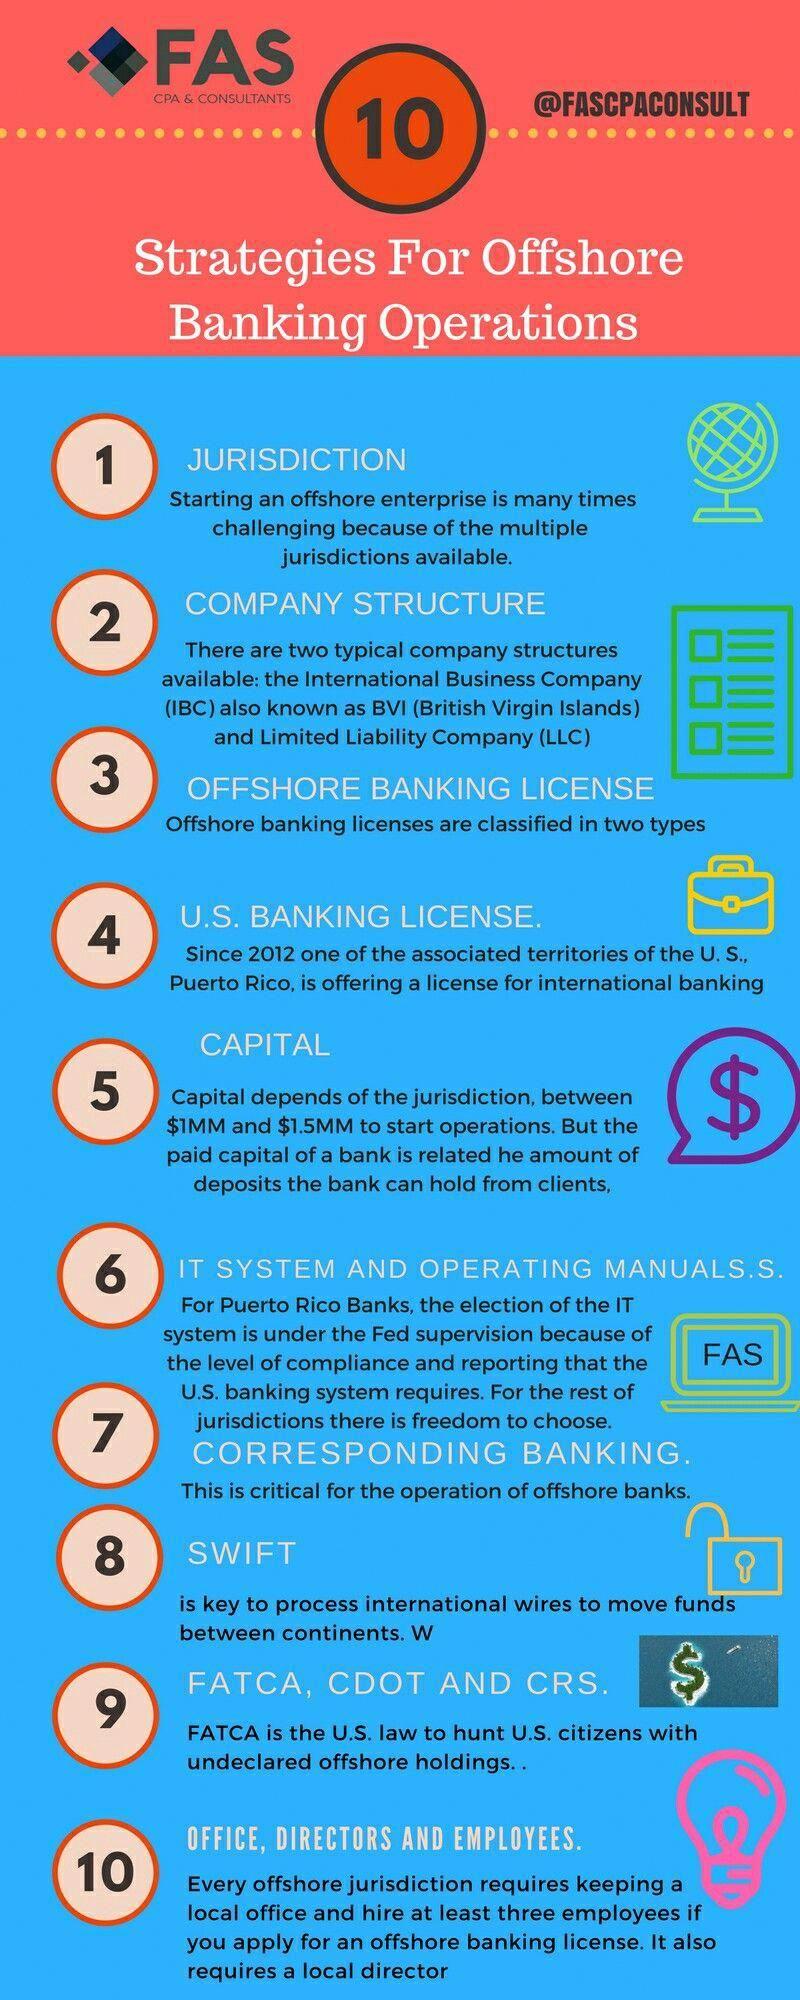 offshorebankingbusiness | offshore banking business | pinterest